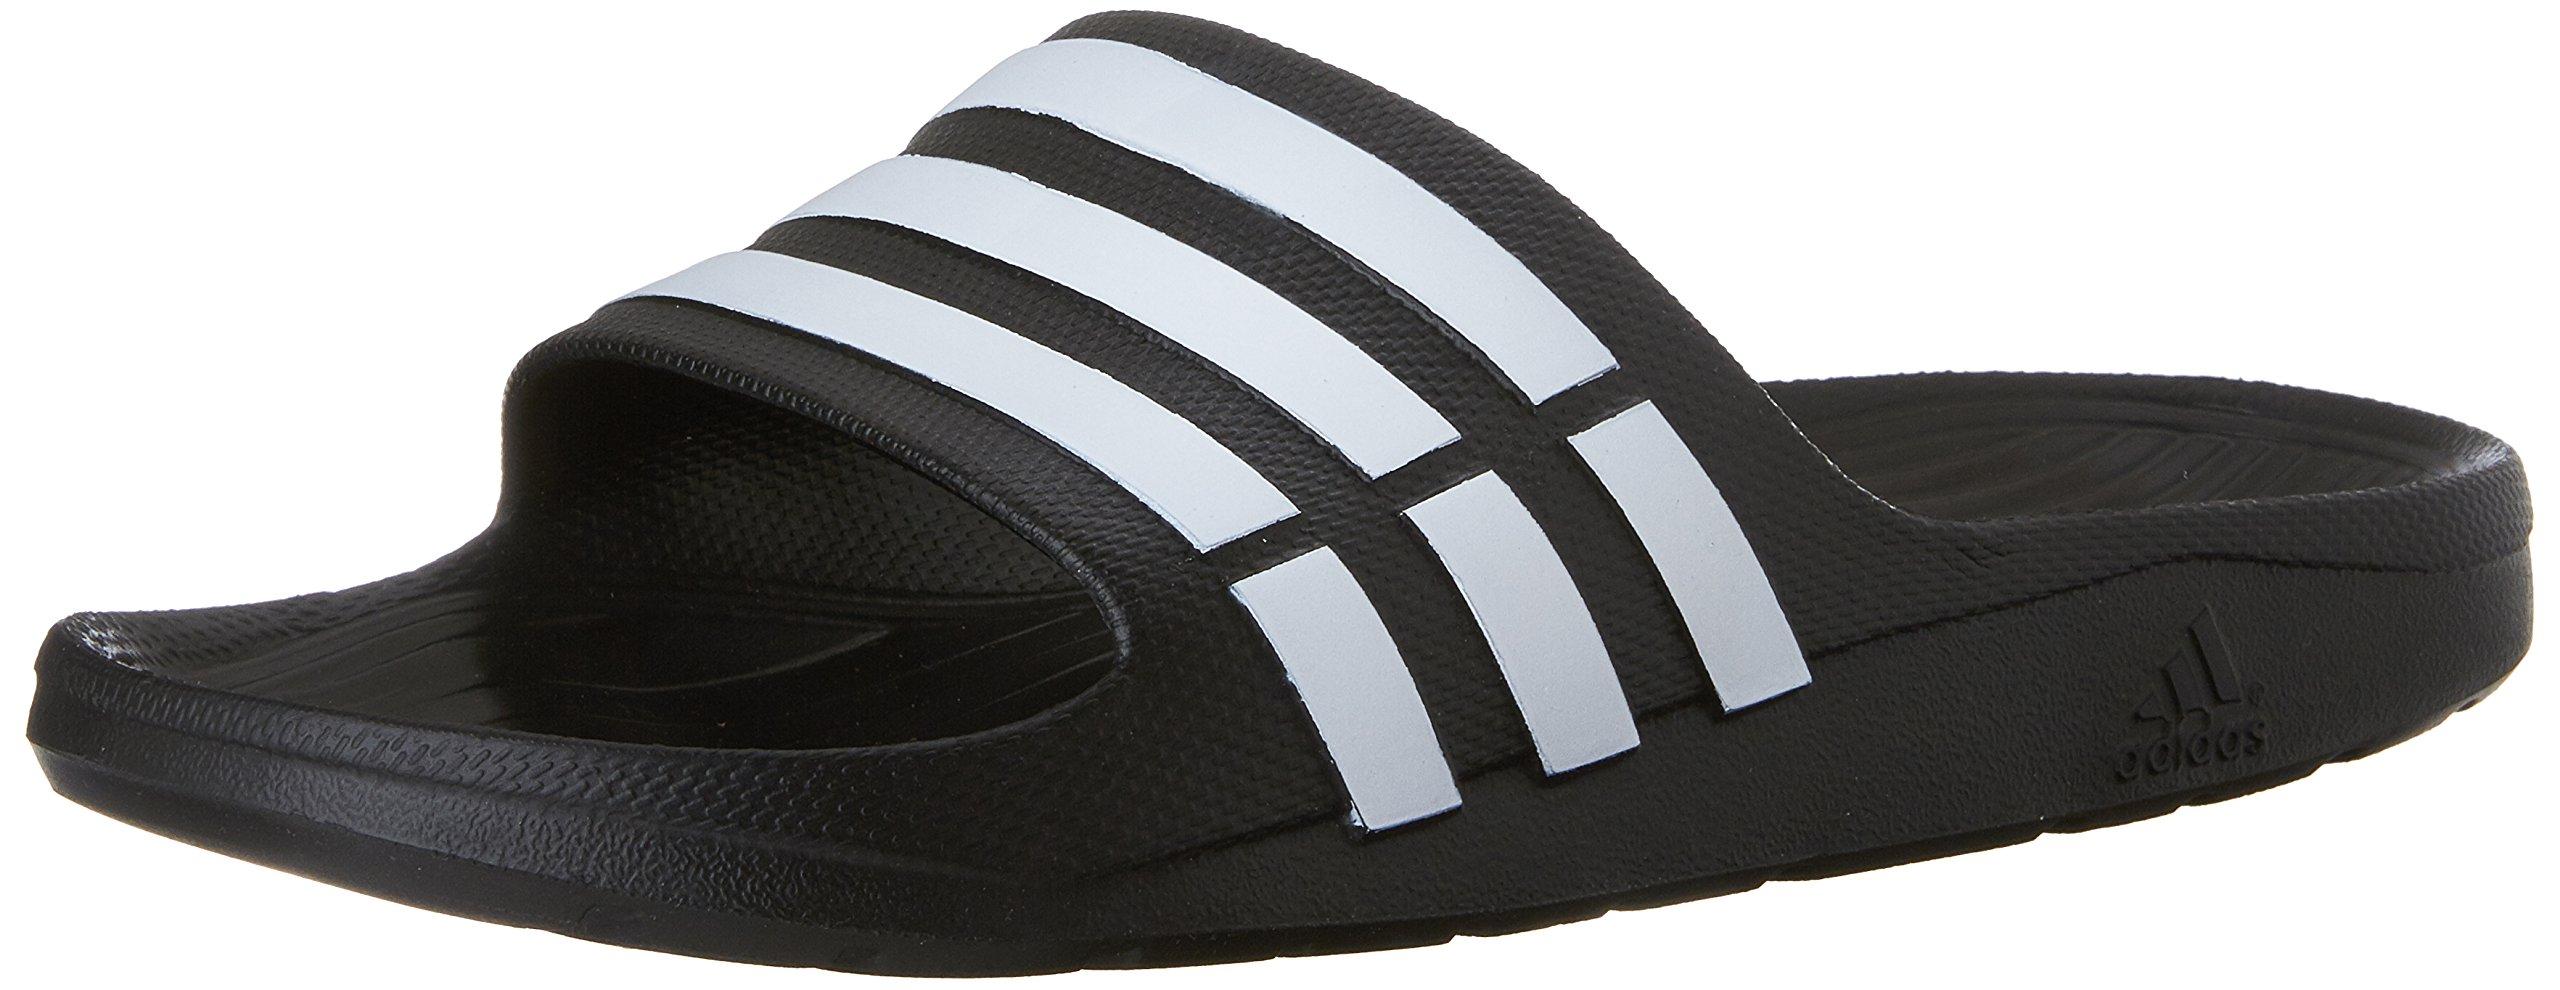 adidas Duramo Slide Sandal,Black/White/Black,10 M US by adidas